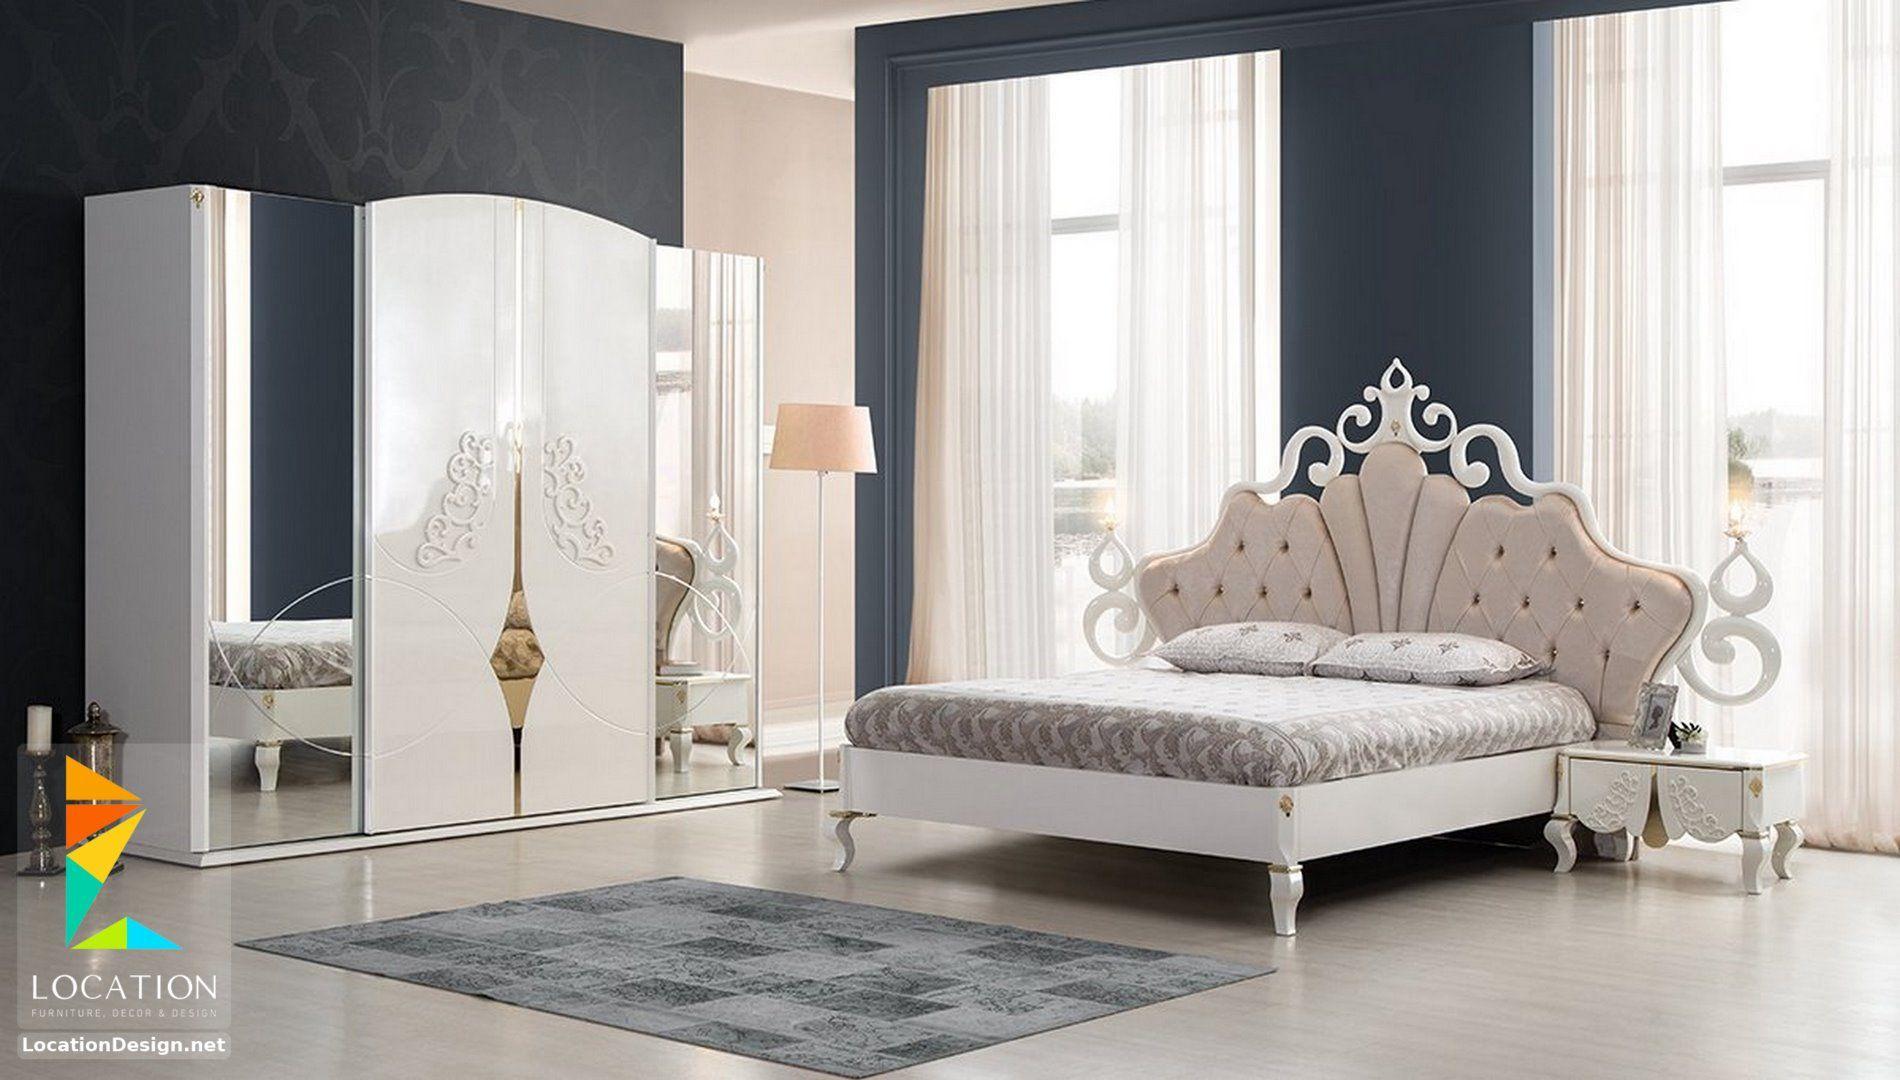 ديكورات غرف نوم حديثة على أحداث طراز 2019 2020 Bedroom Furniture Design Luxury Bedroom Design Master Bedrooms Decor